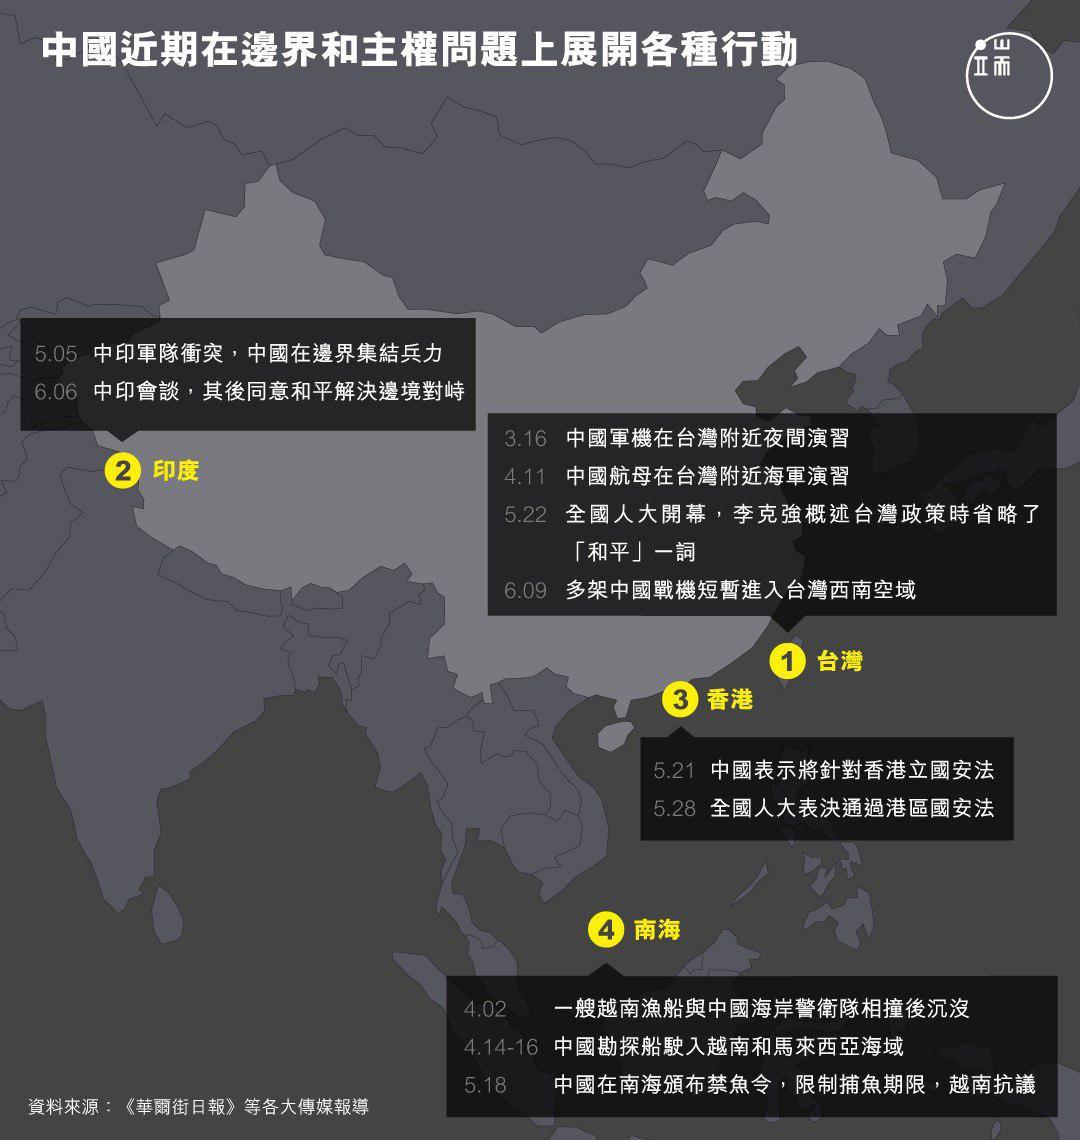 中國近期在邊界和主權問題上展開各種行動。